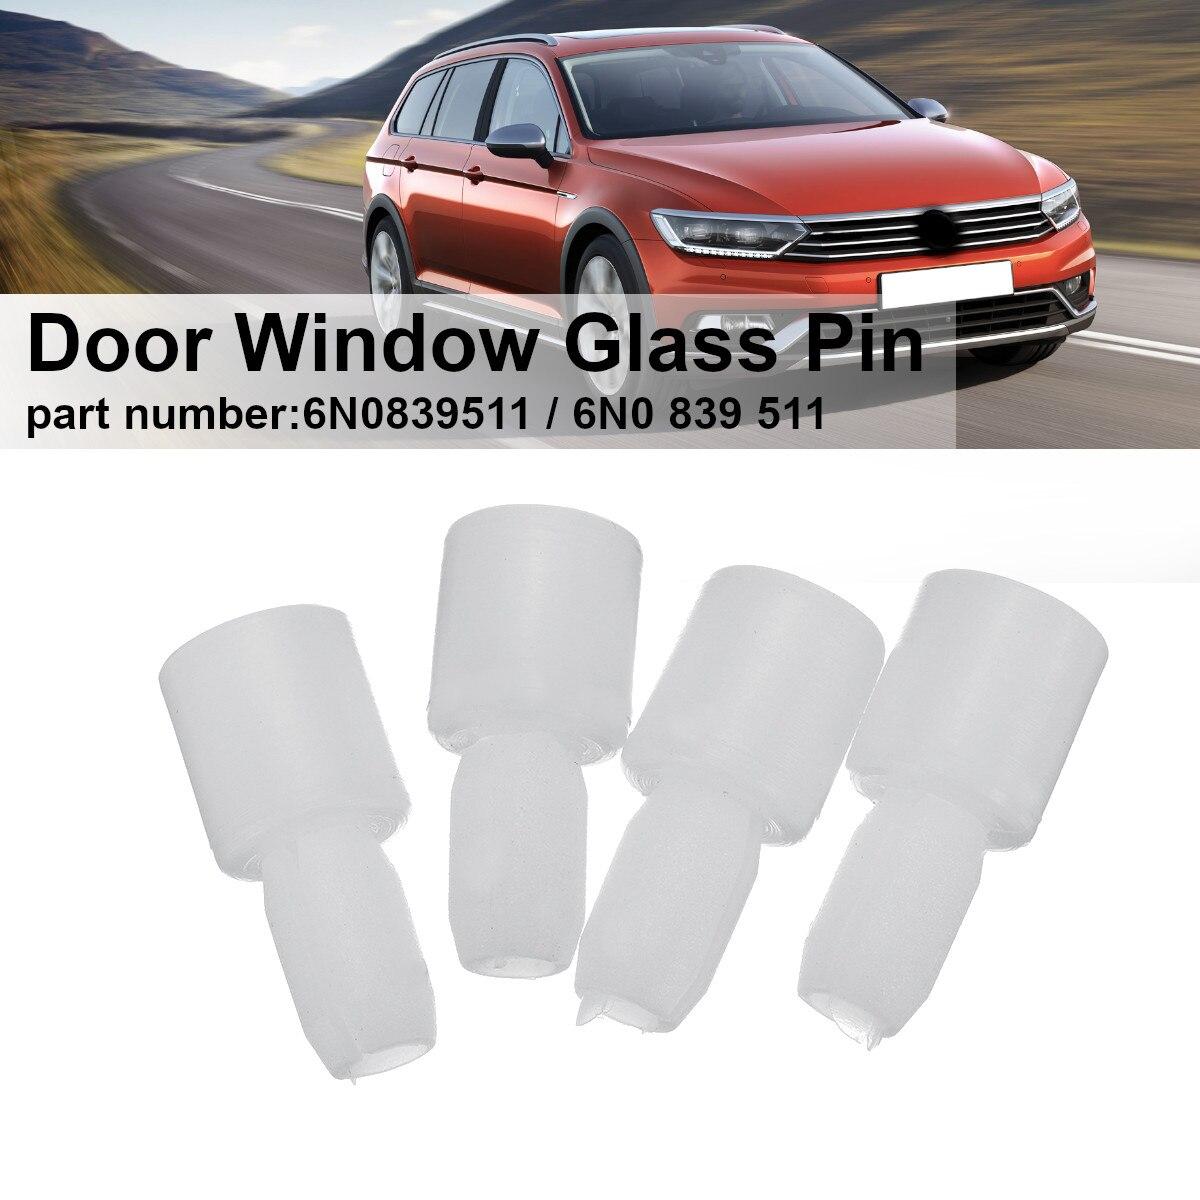 4 Pcs Beweegbare Portierruit Pin Voor VW Passat B5 B7 Jetta 5 MK6 Bora 4 Golf 4 MK5 tiguan Superb Seat Ibiza Leon A4 6N0839511